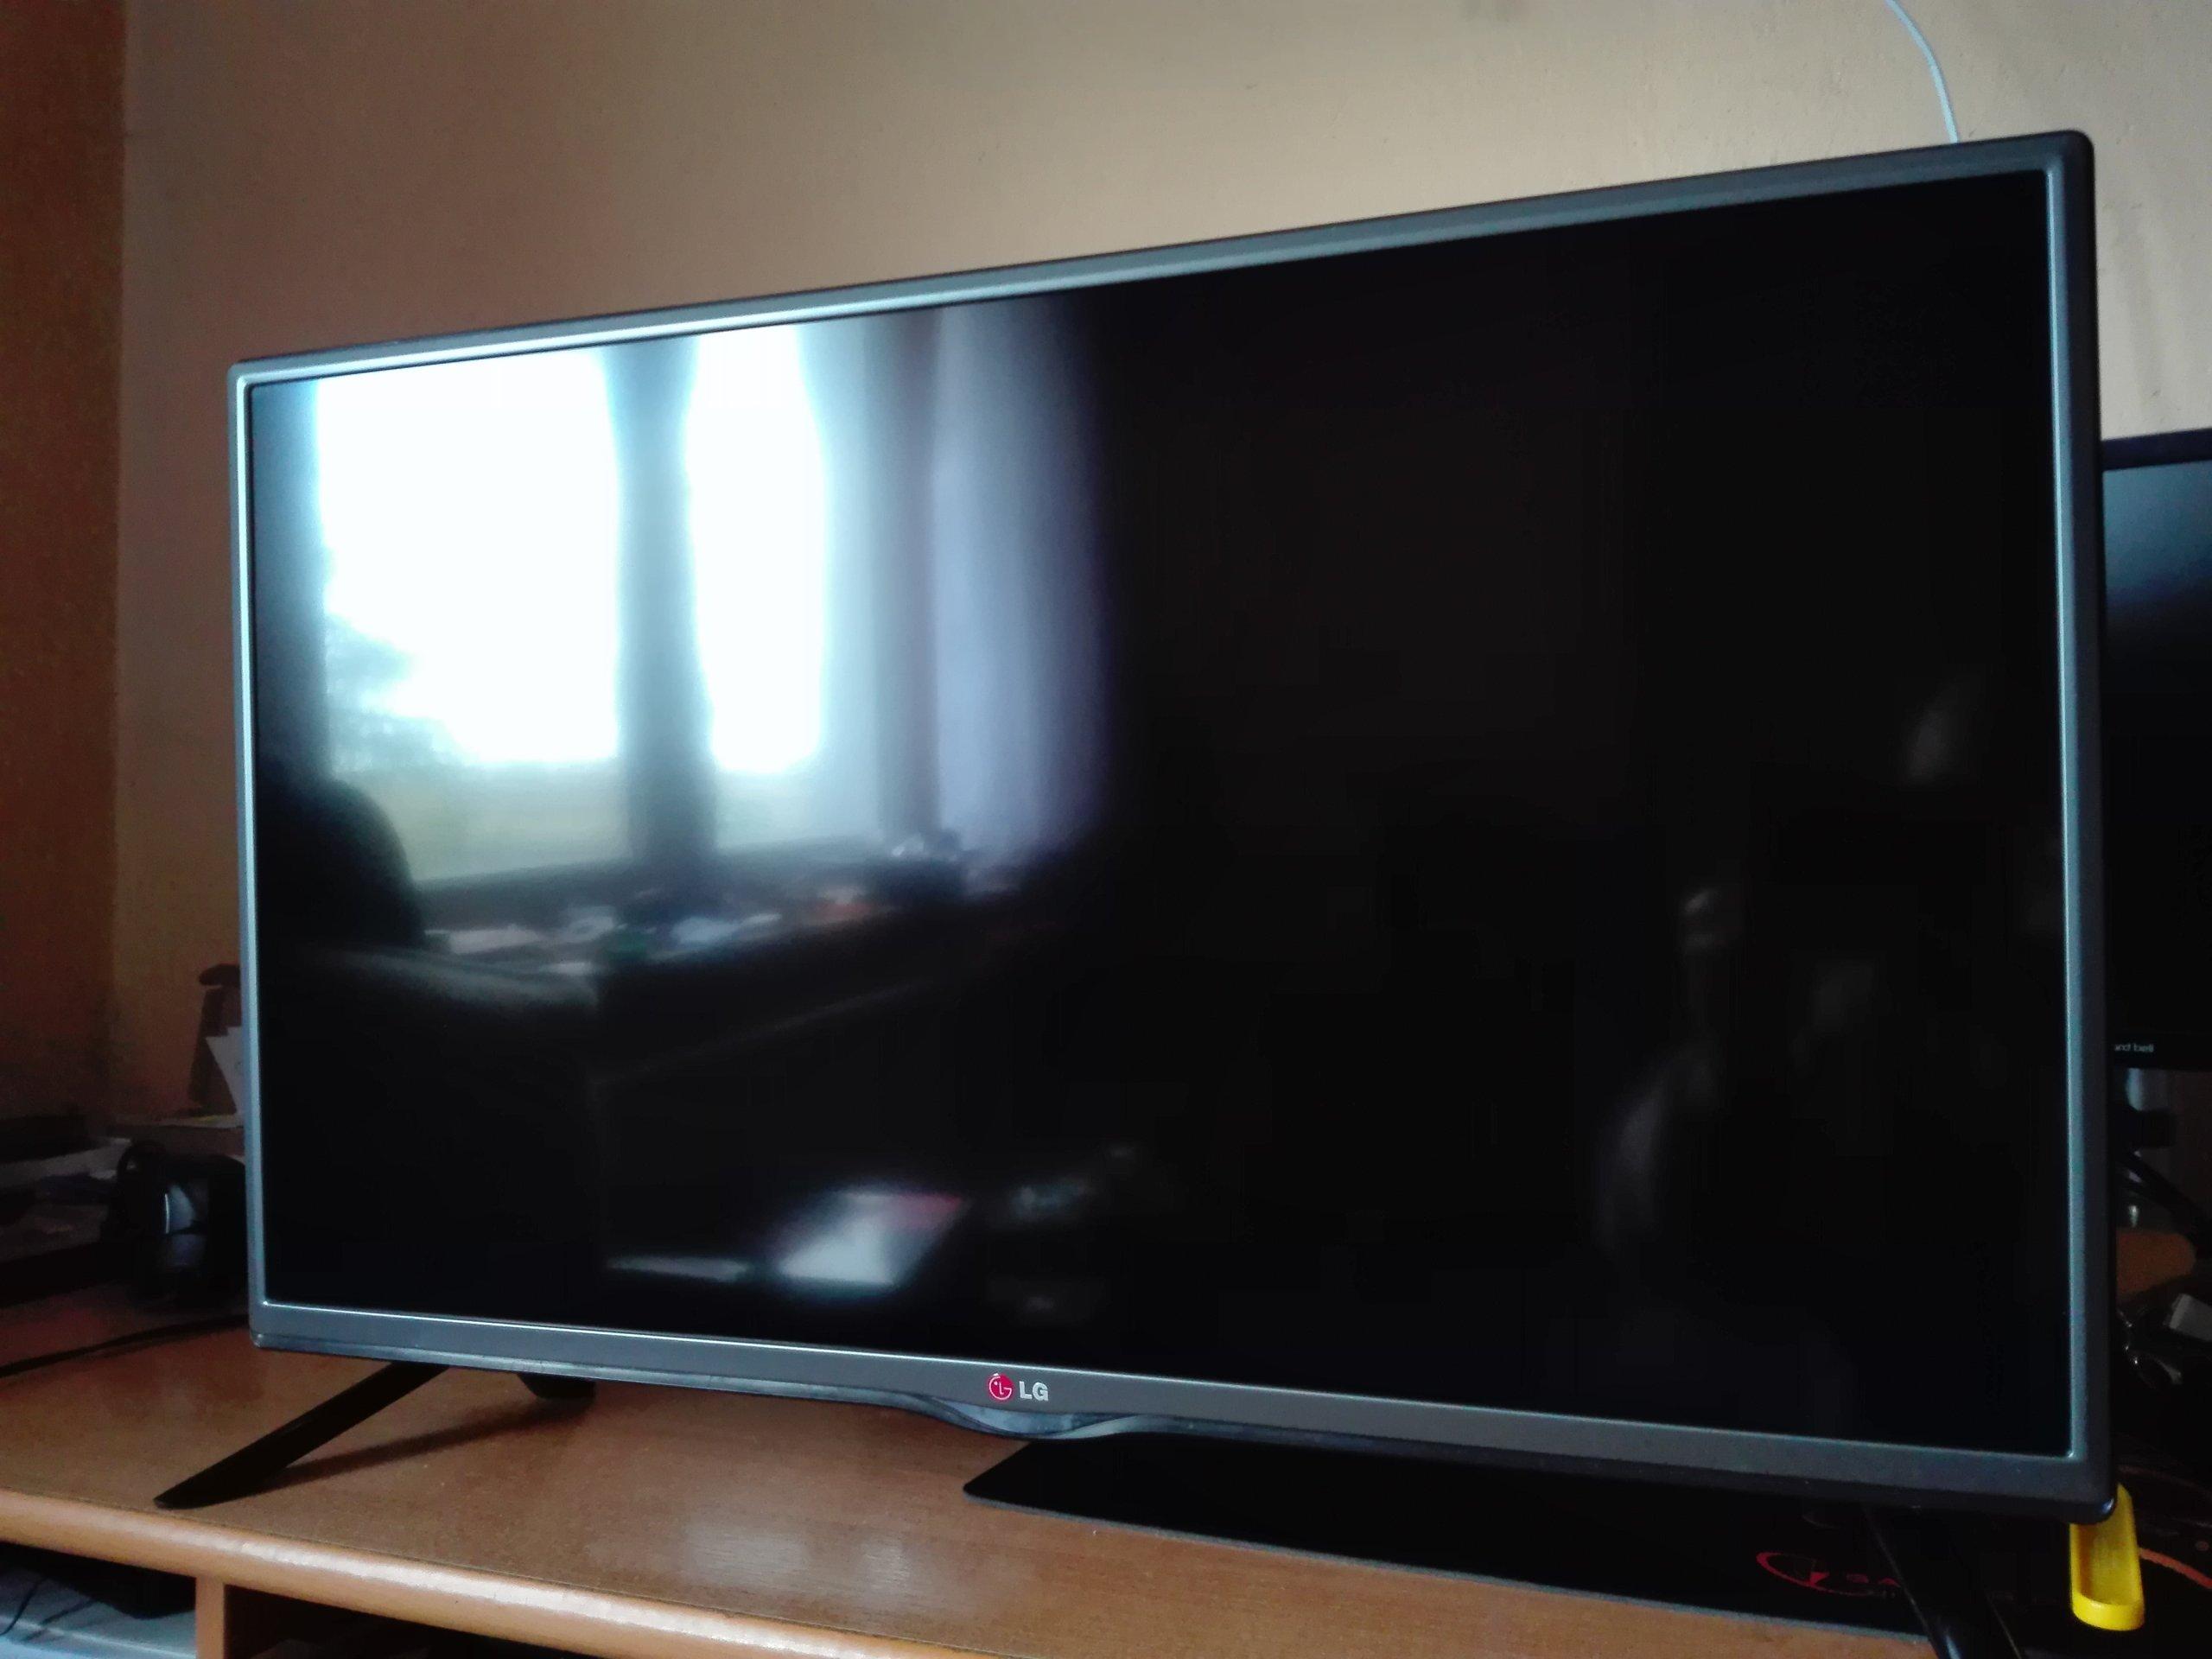 Telewizor 32'' LG 32LB550B brak podświetlenia